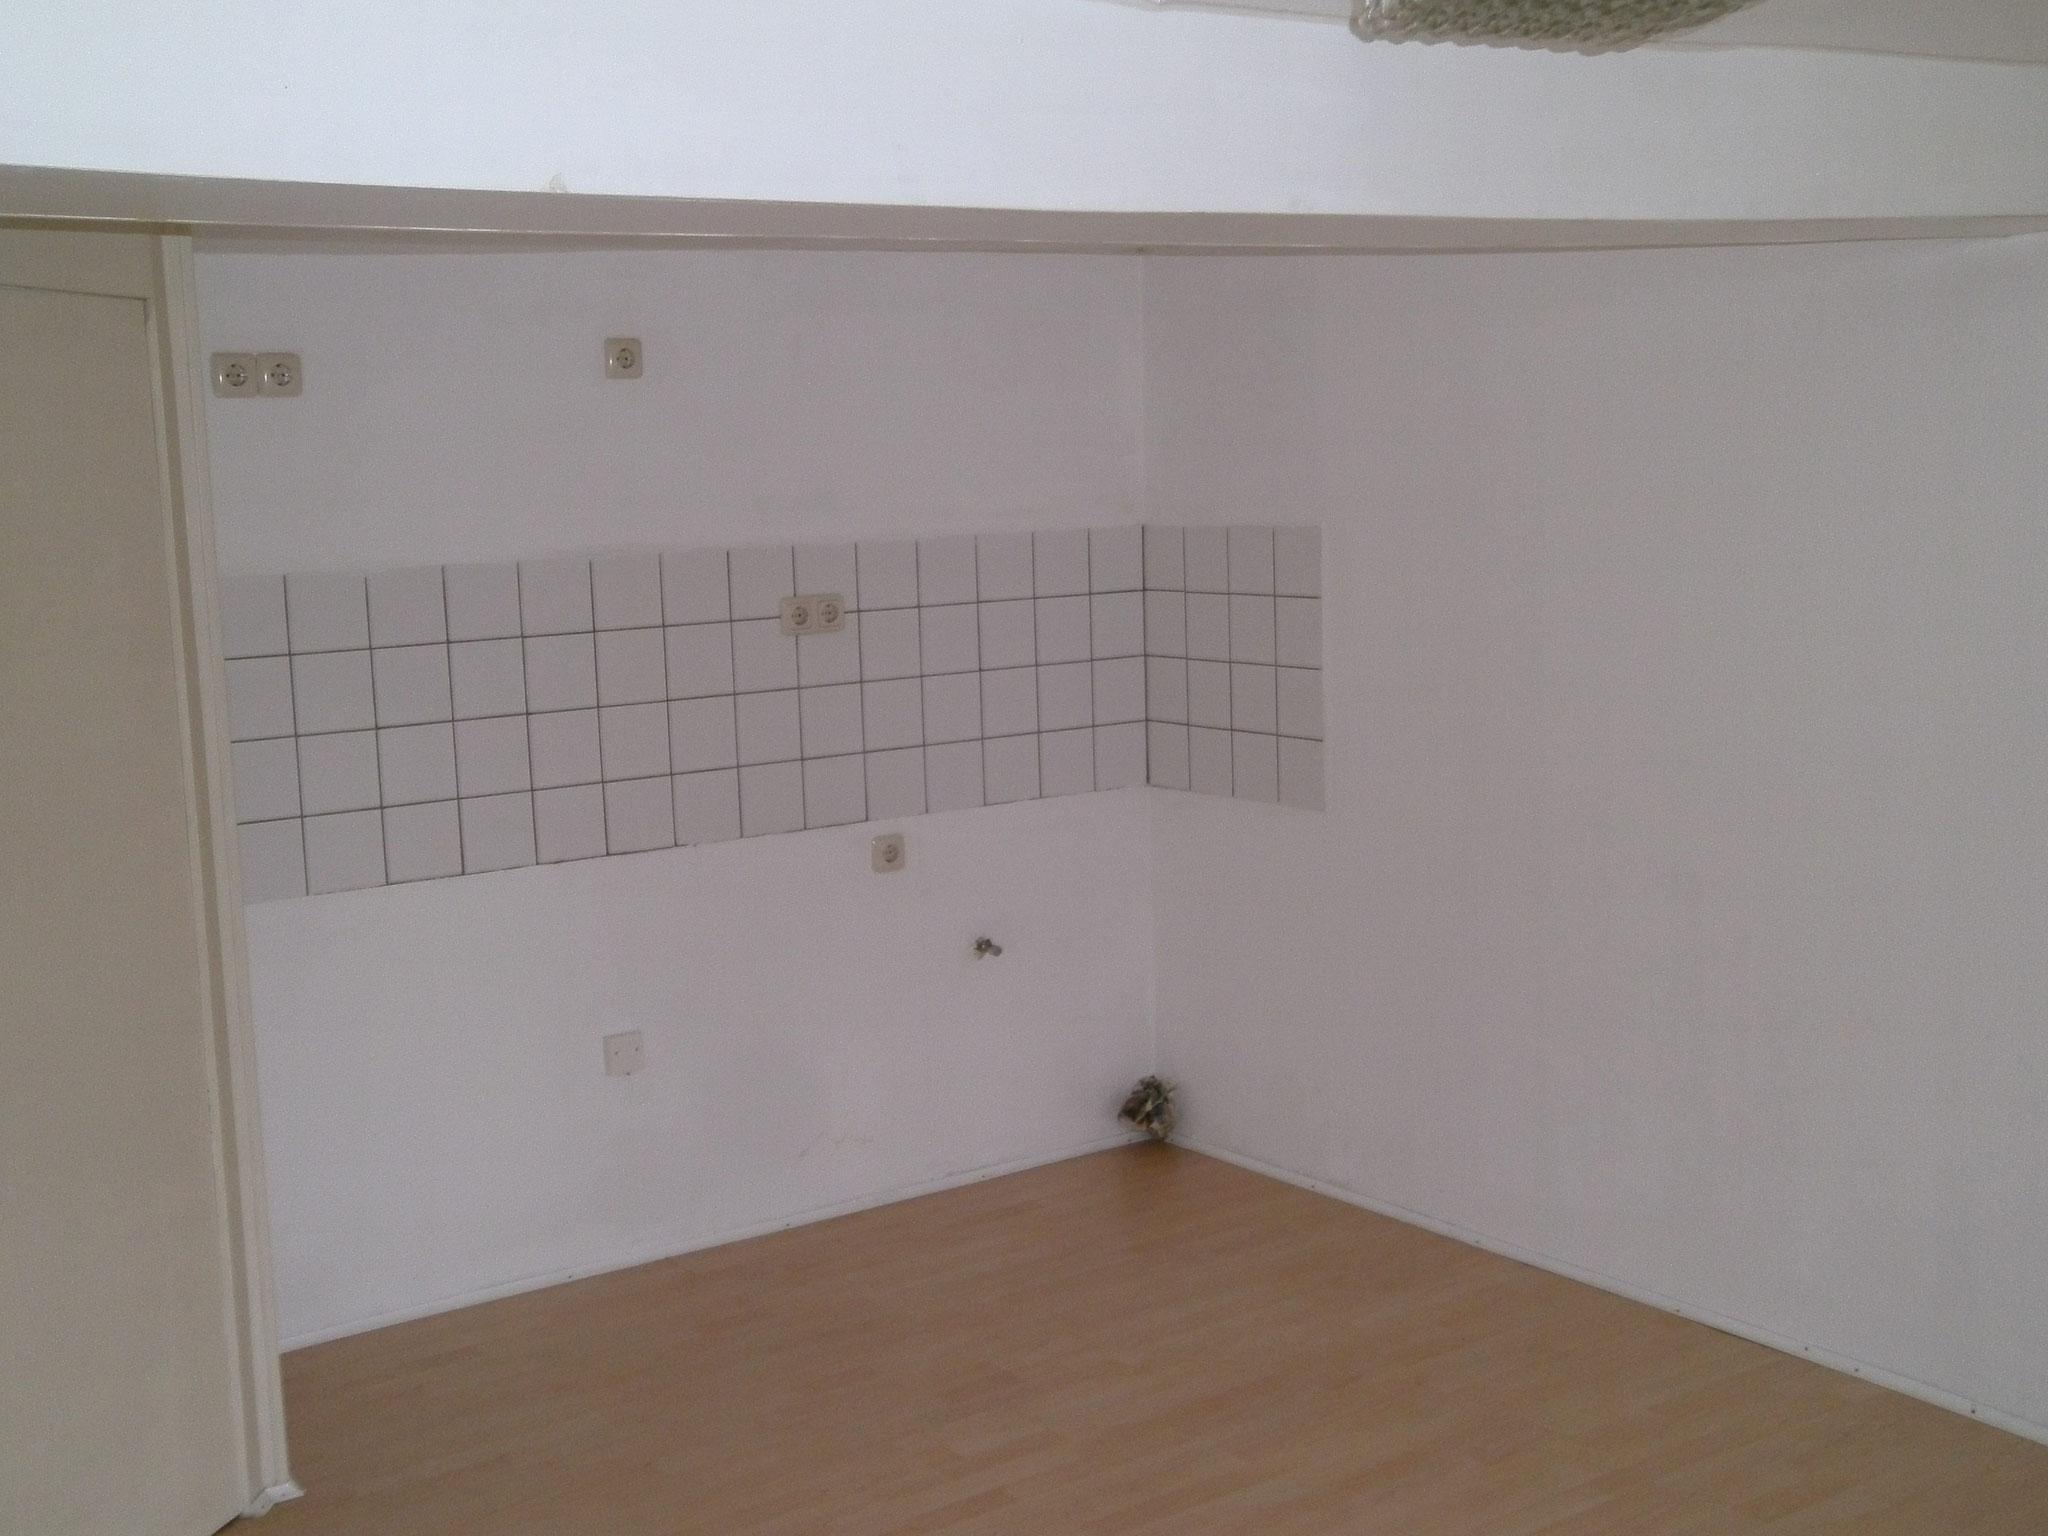 Kochniche im Wohn-/Essbereich